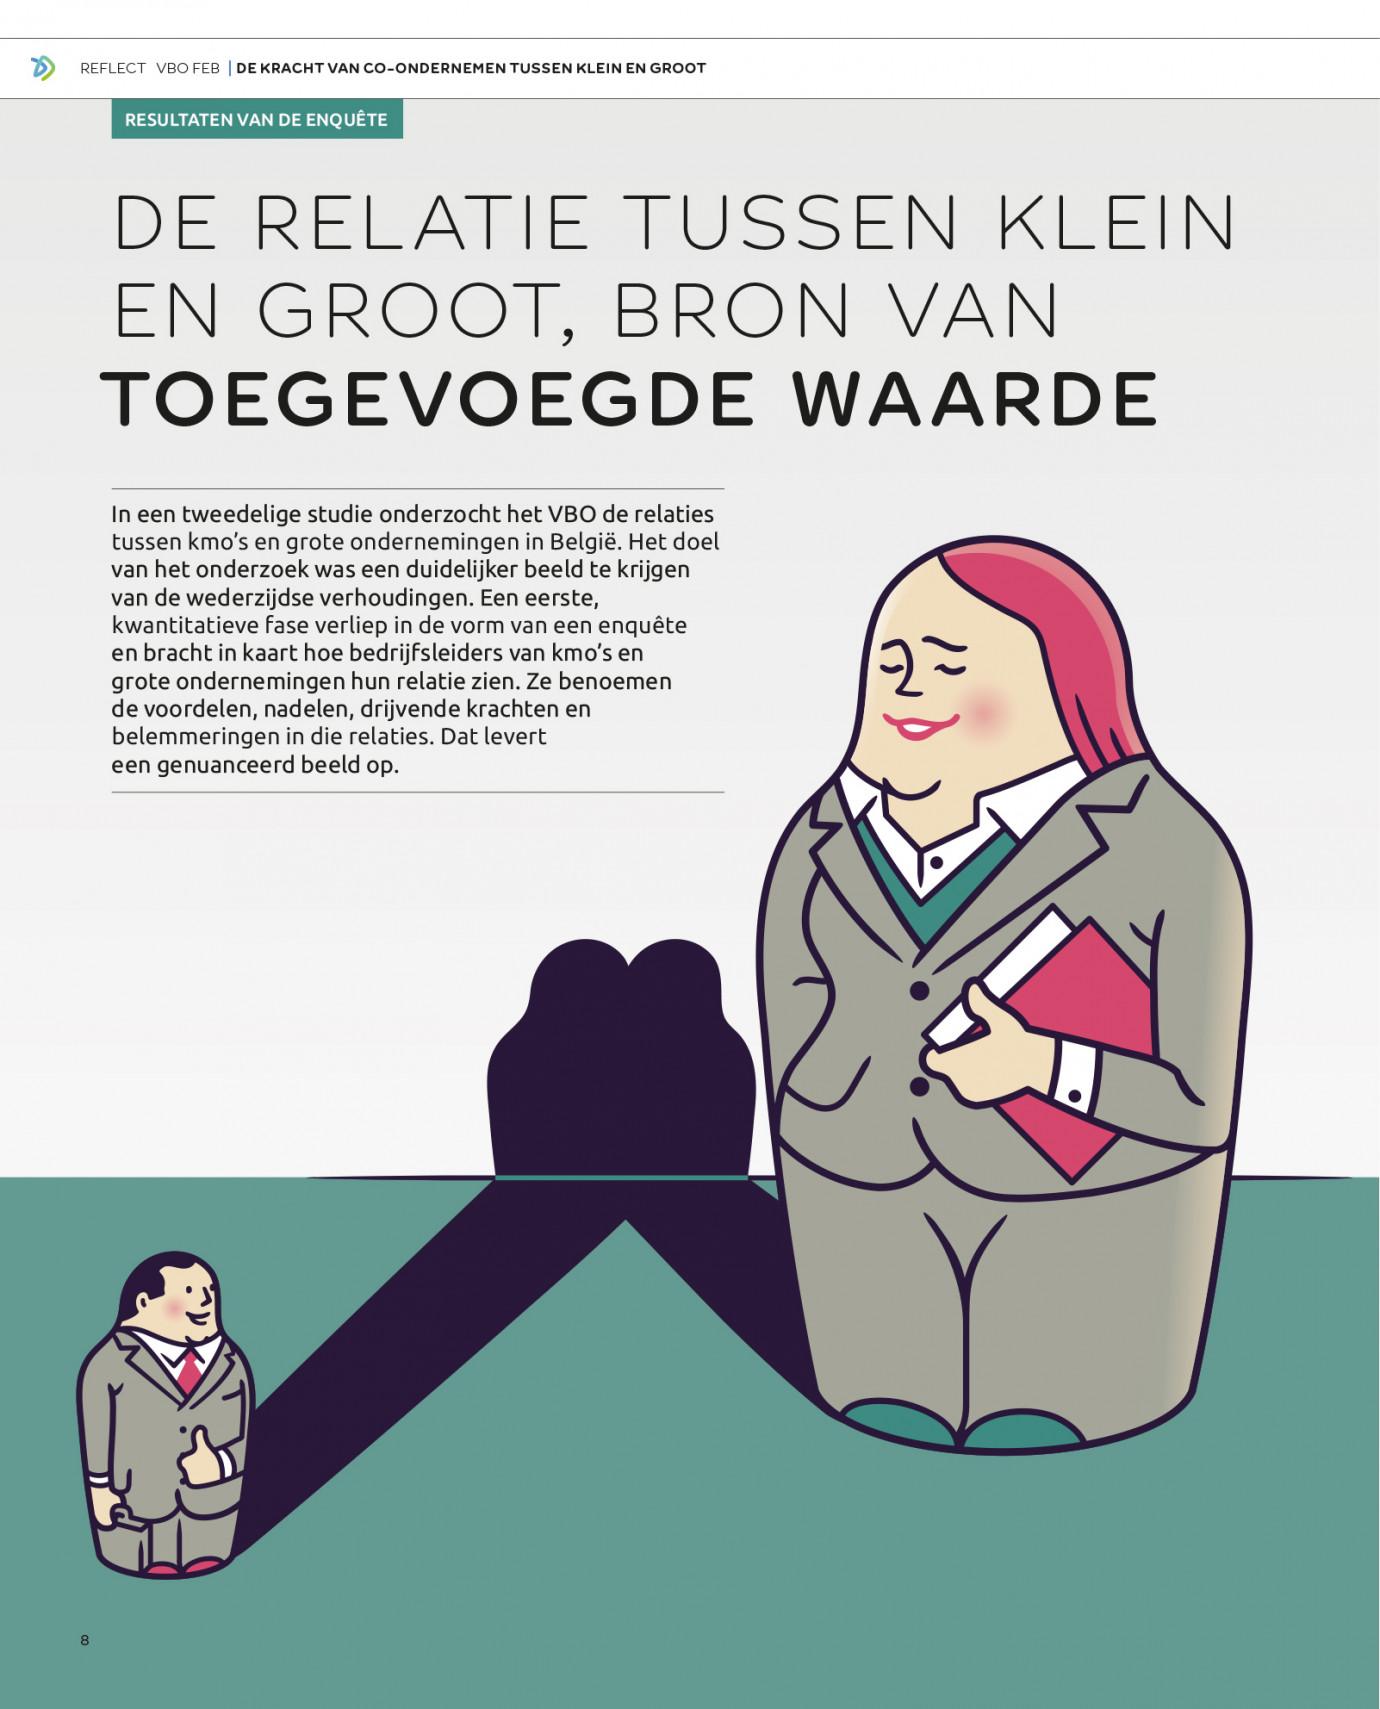 Peter Willems illustratie